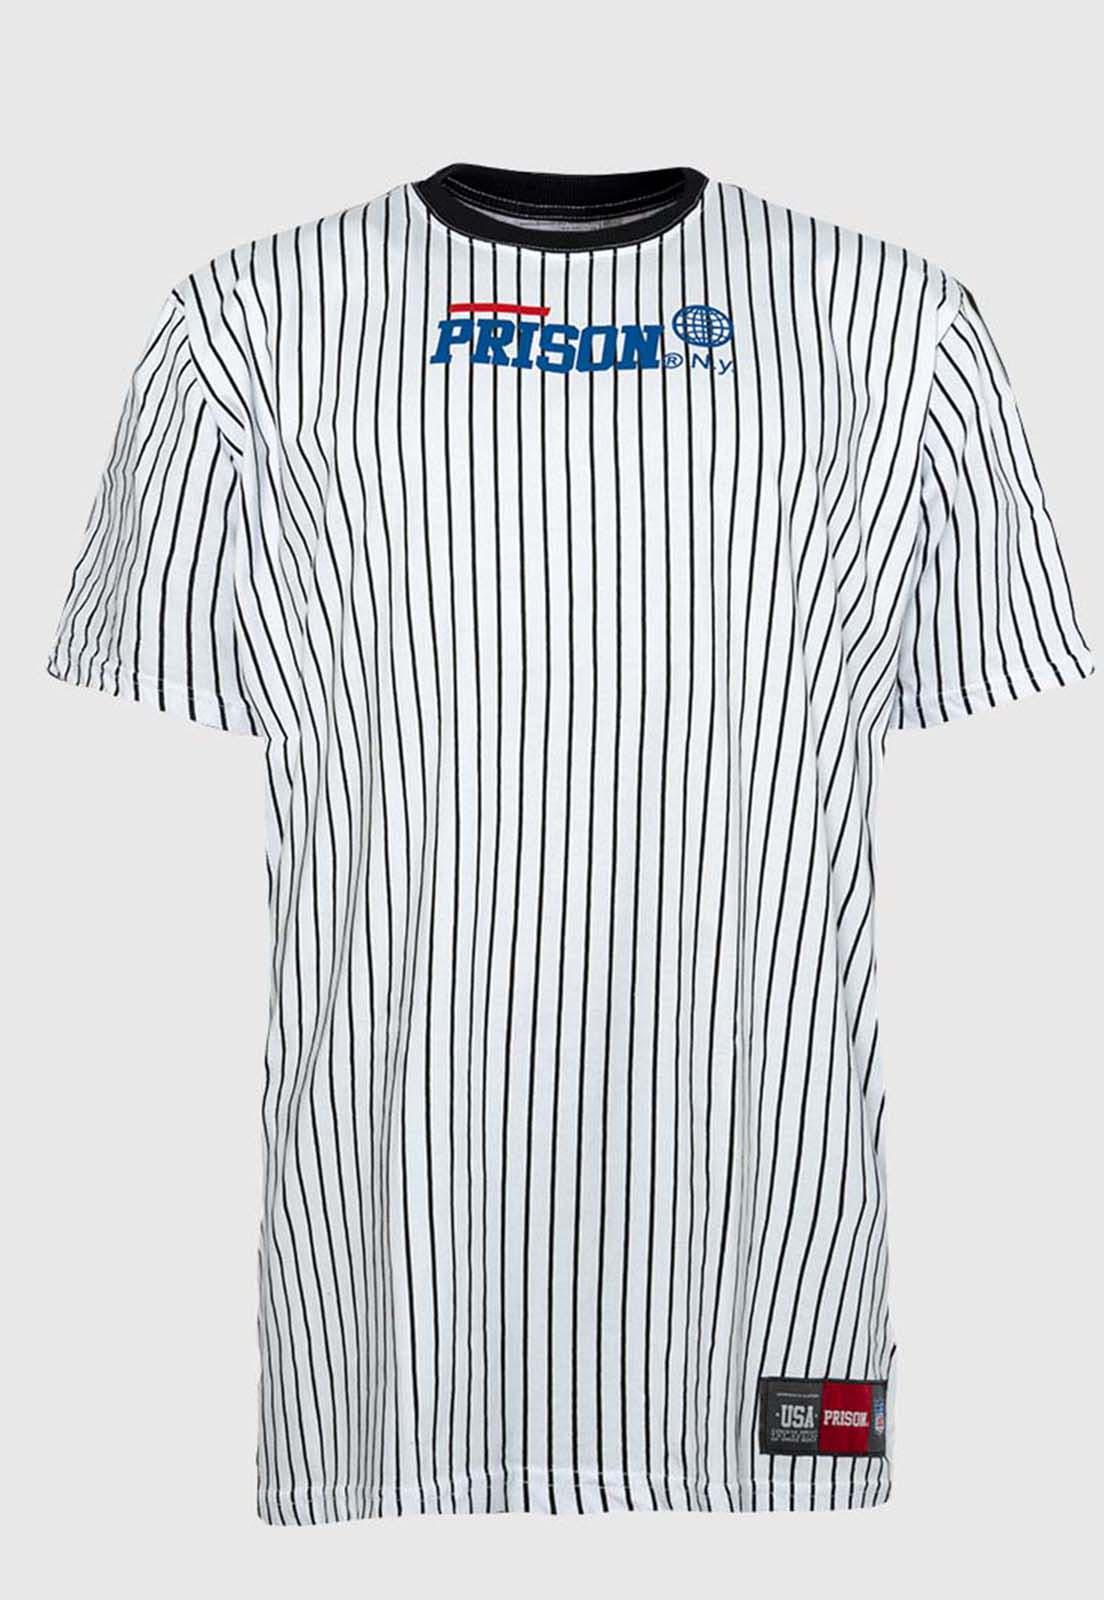 Camiseta baseball listrada prison global